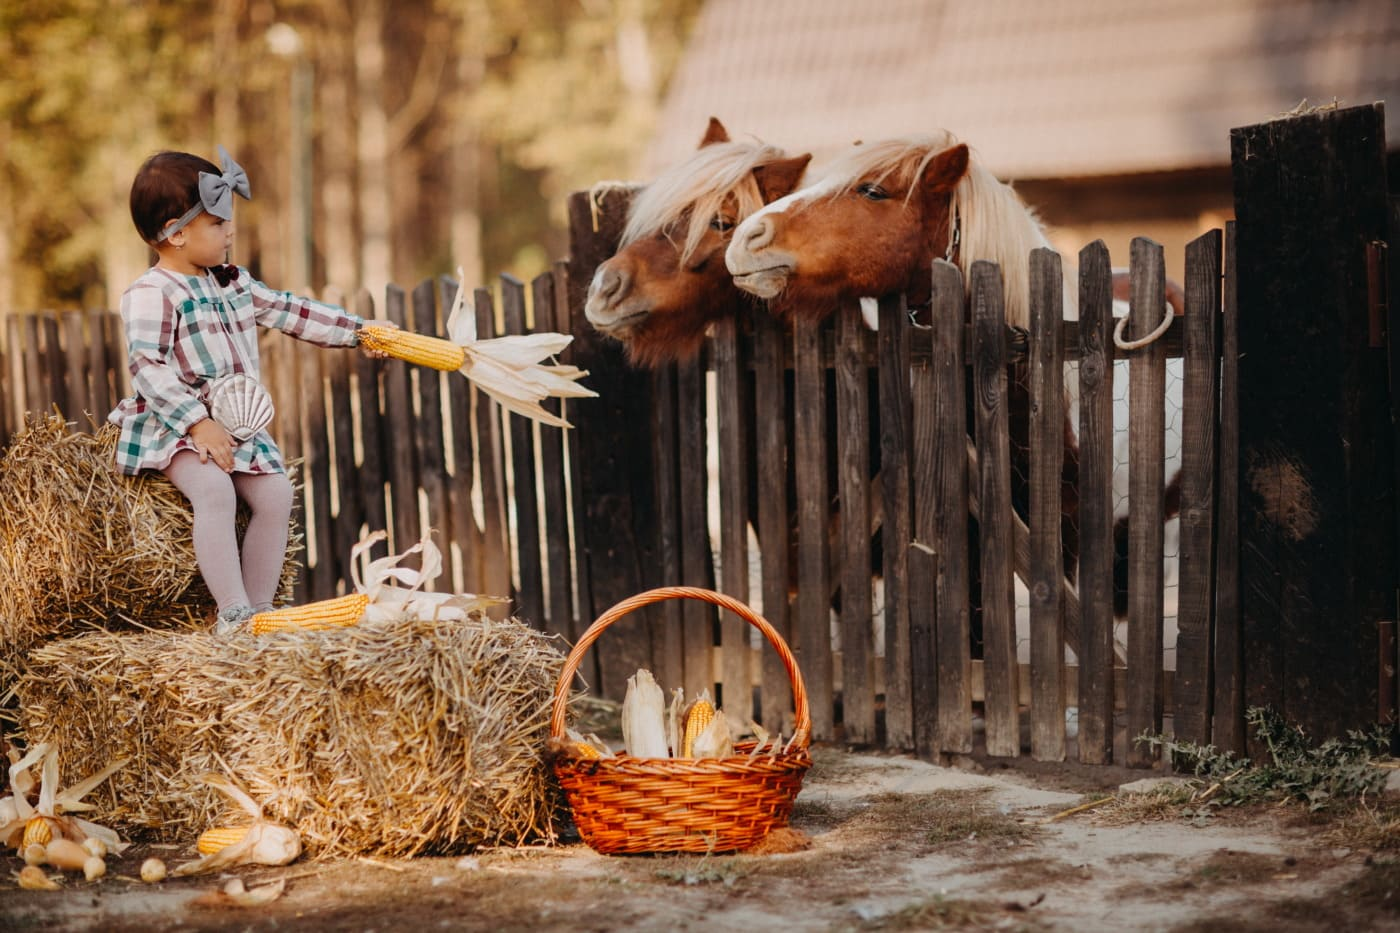 Lattenzaun, Pony, Pferde, Fütterung, Mais, untergeordnete, Landschaft, Ackerland, Ranch, Dorf